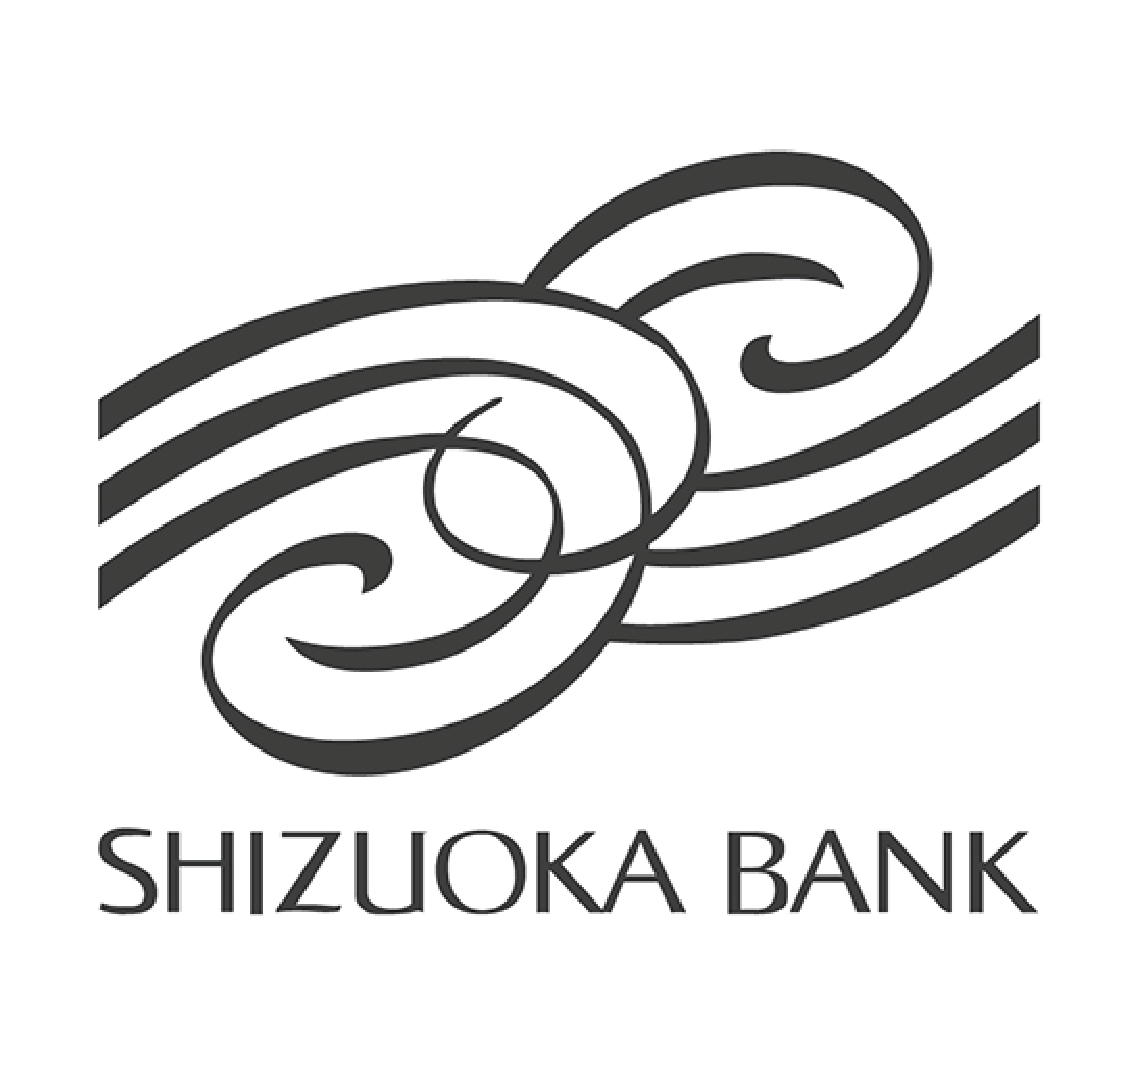 Shizuoka-frame.png